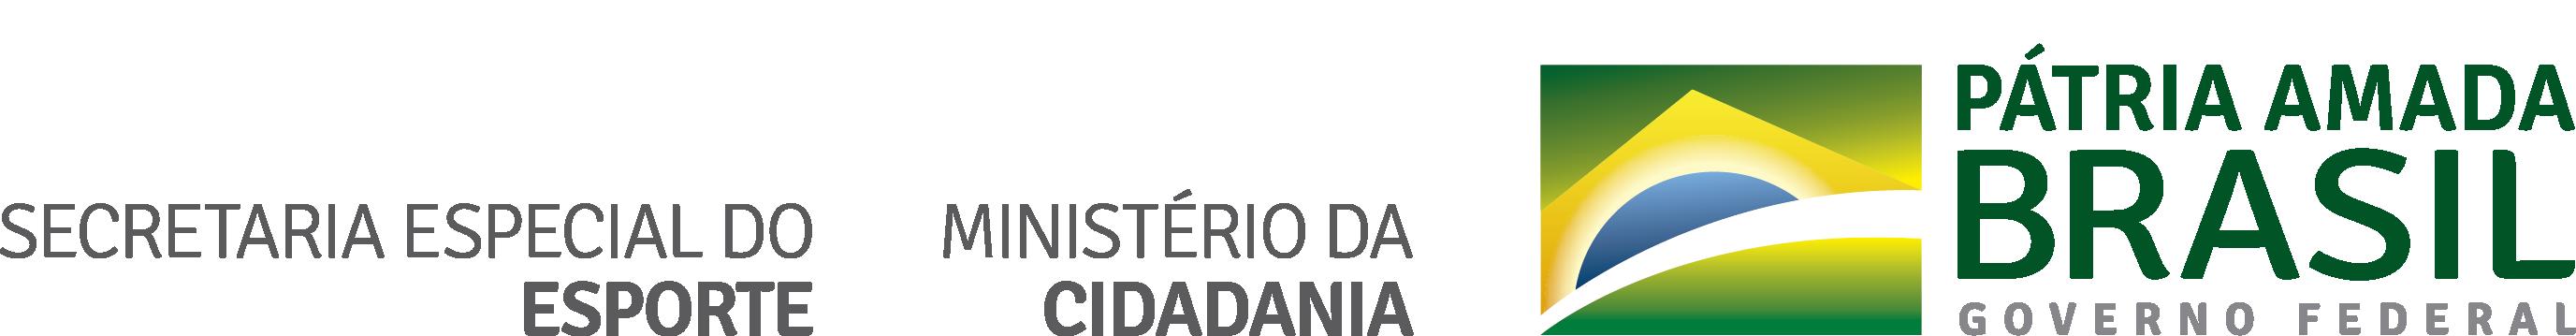 Logotipo Governo Federal